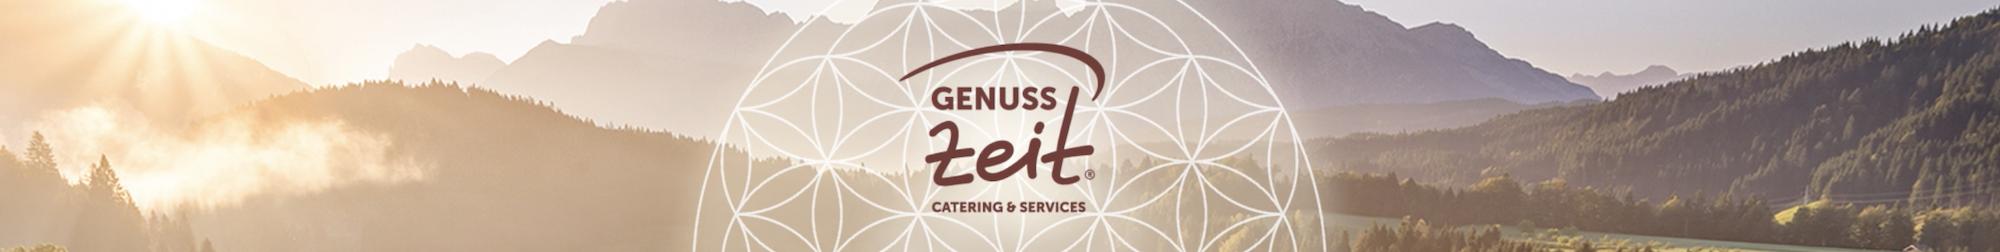 GenussZeit Logo, Titelbild für Kaffee und Unternehmenskultur